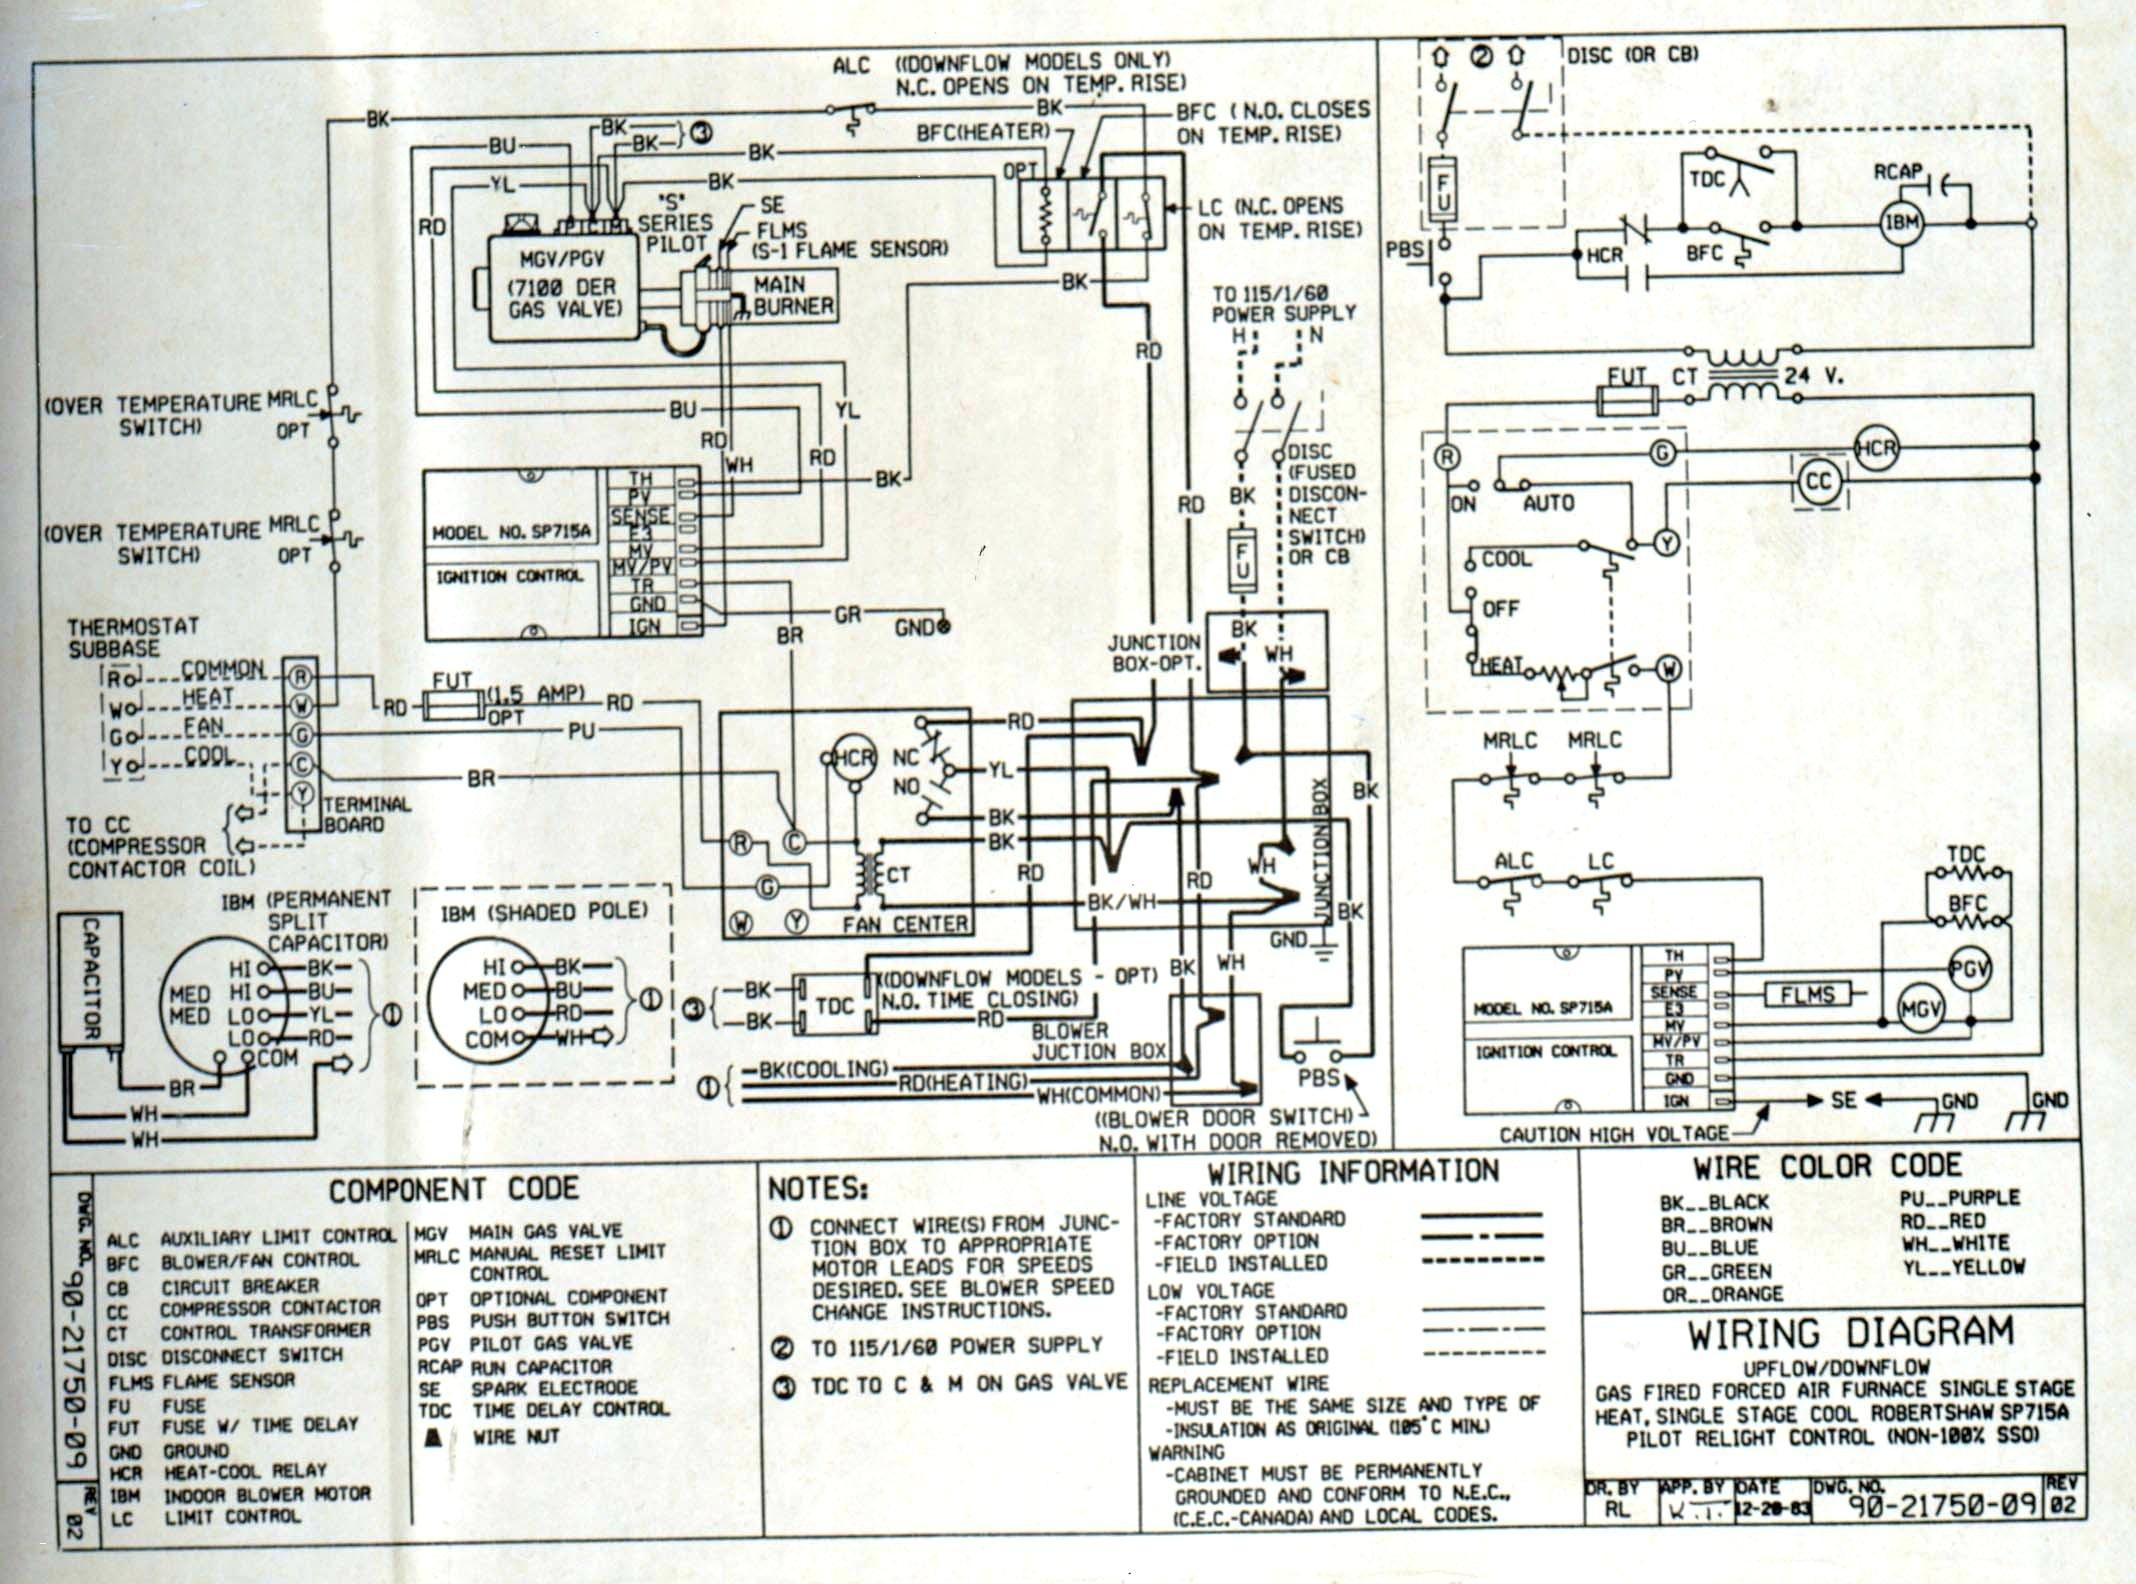 Old Goodman Heat Pump Wire Diagram List Of Schematic Circuit 9846 Wiring Alpine Cd Player Carrier Rh Detoxicrecenze Com